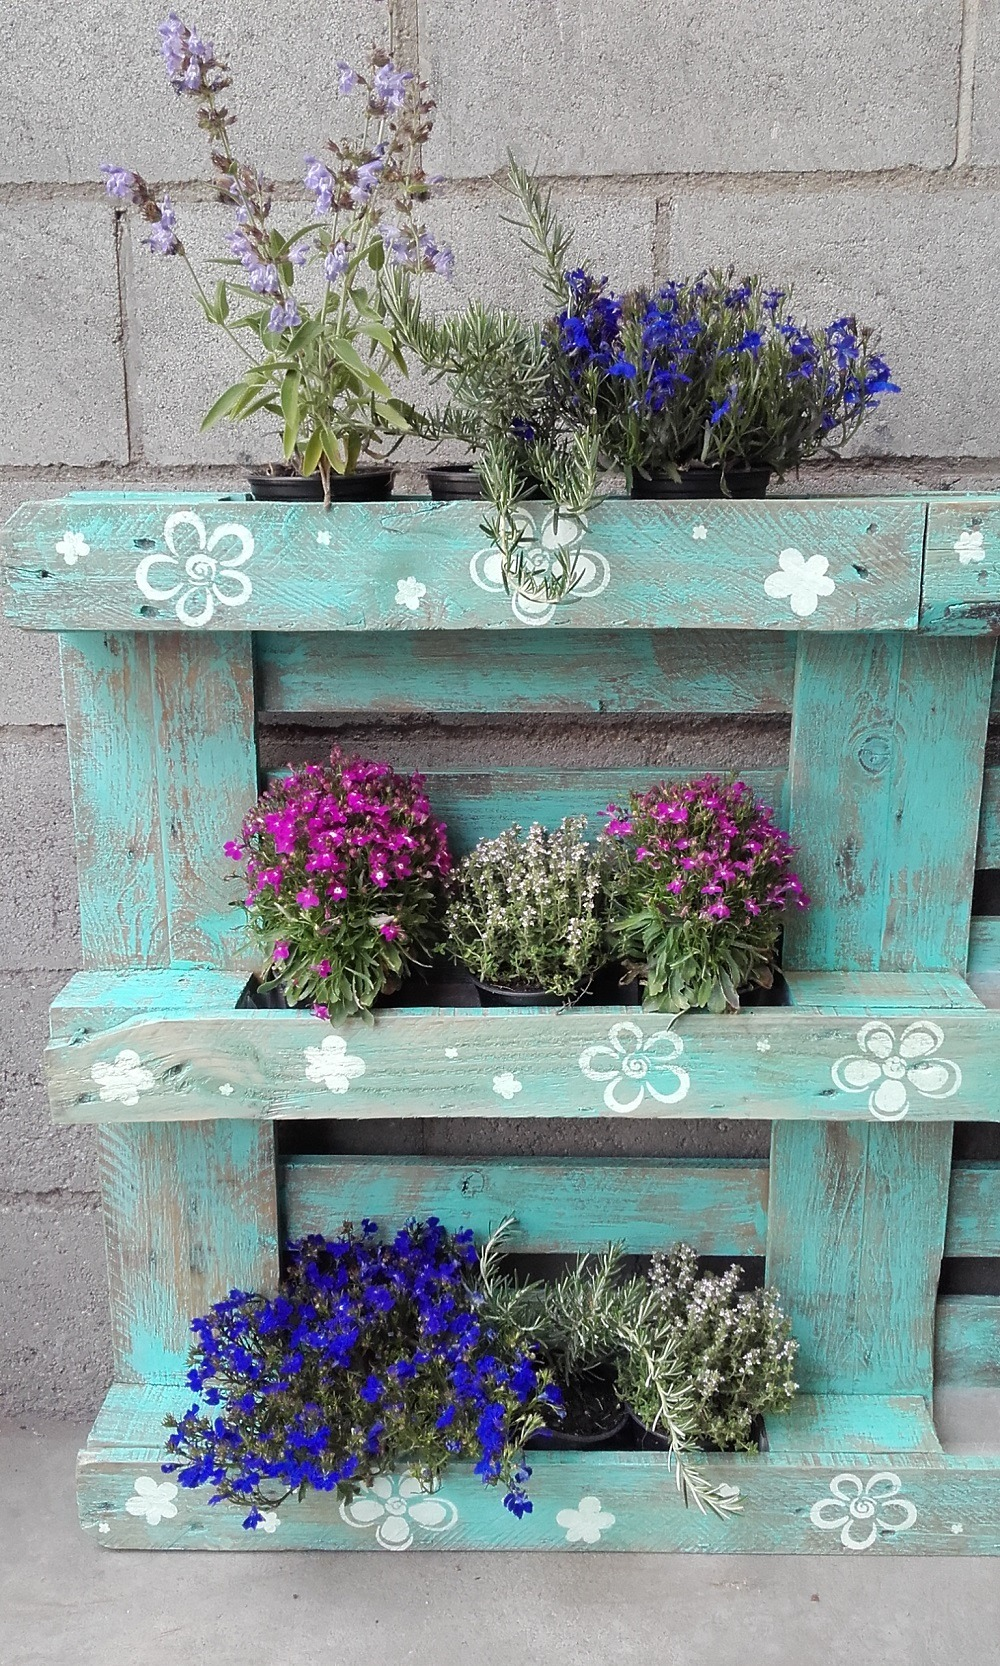 Palet de madera convertido en jardinera